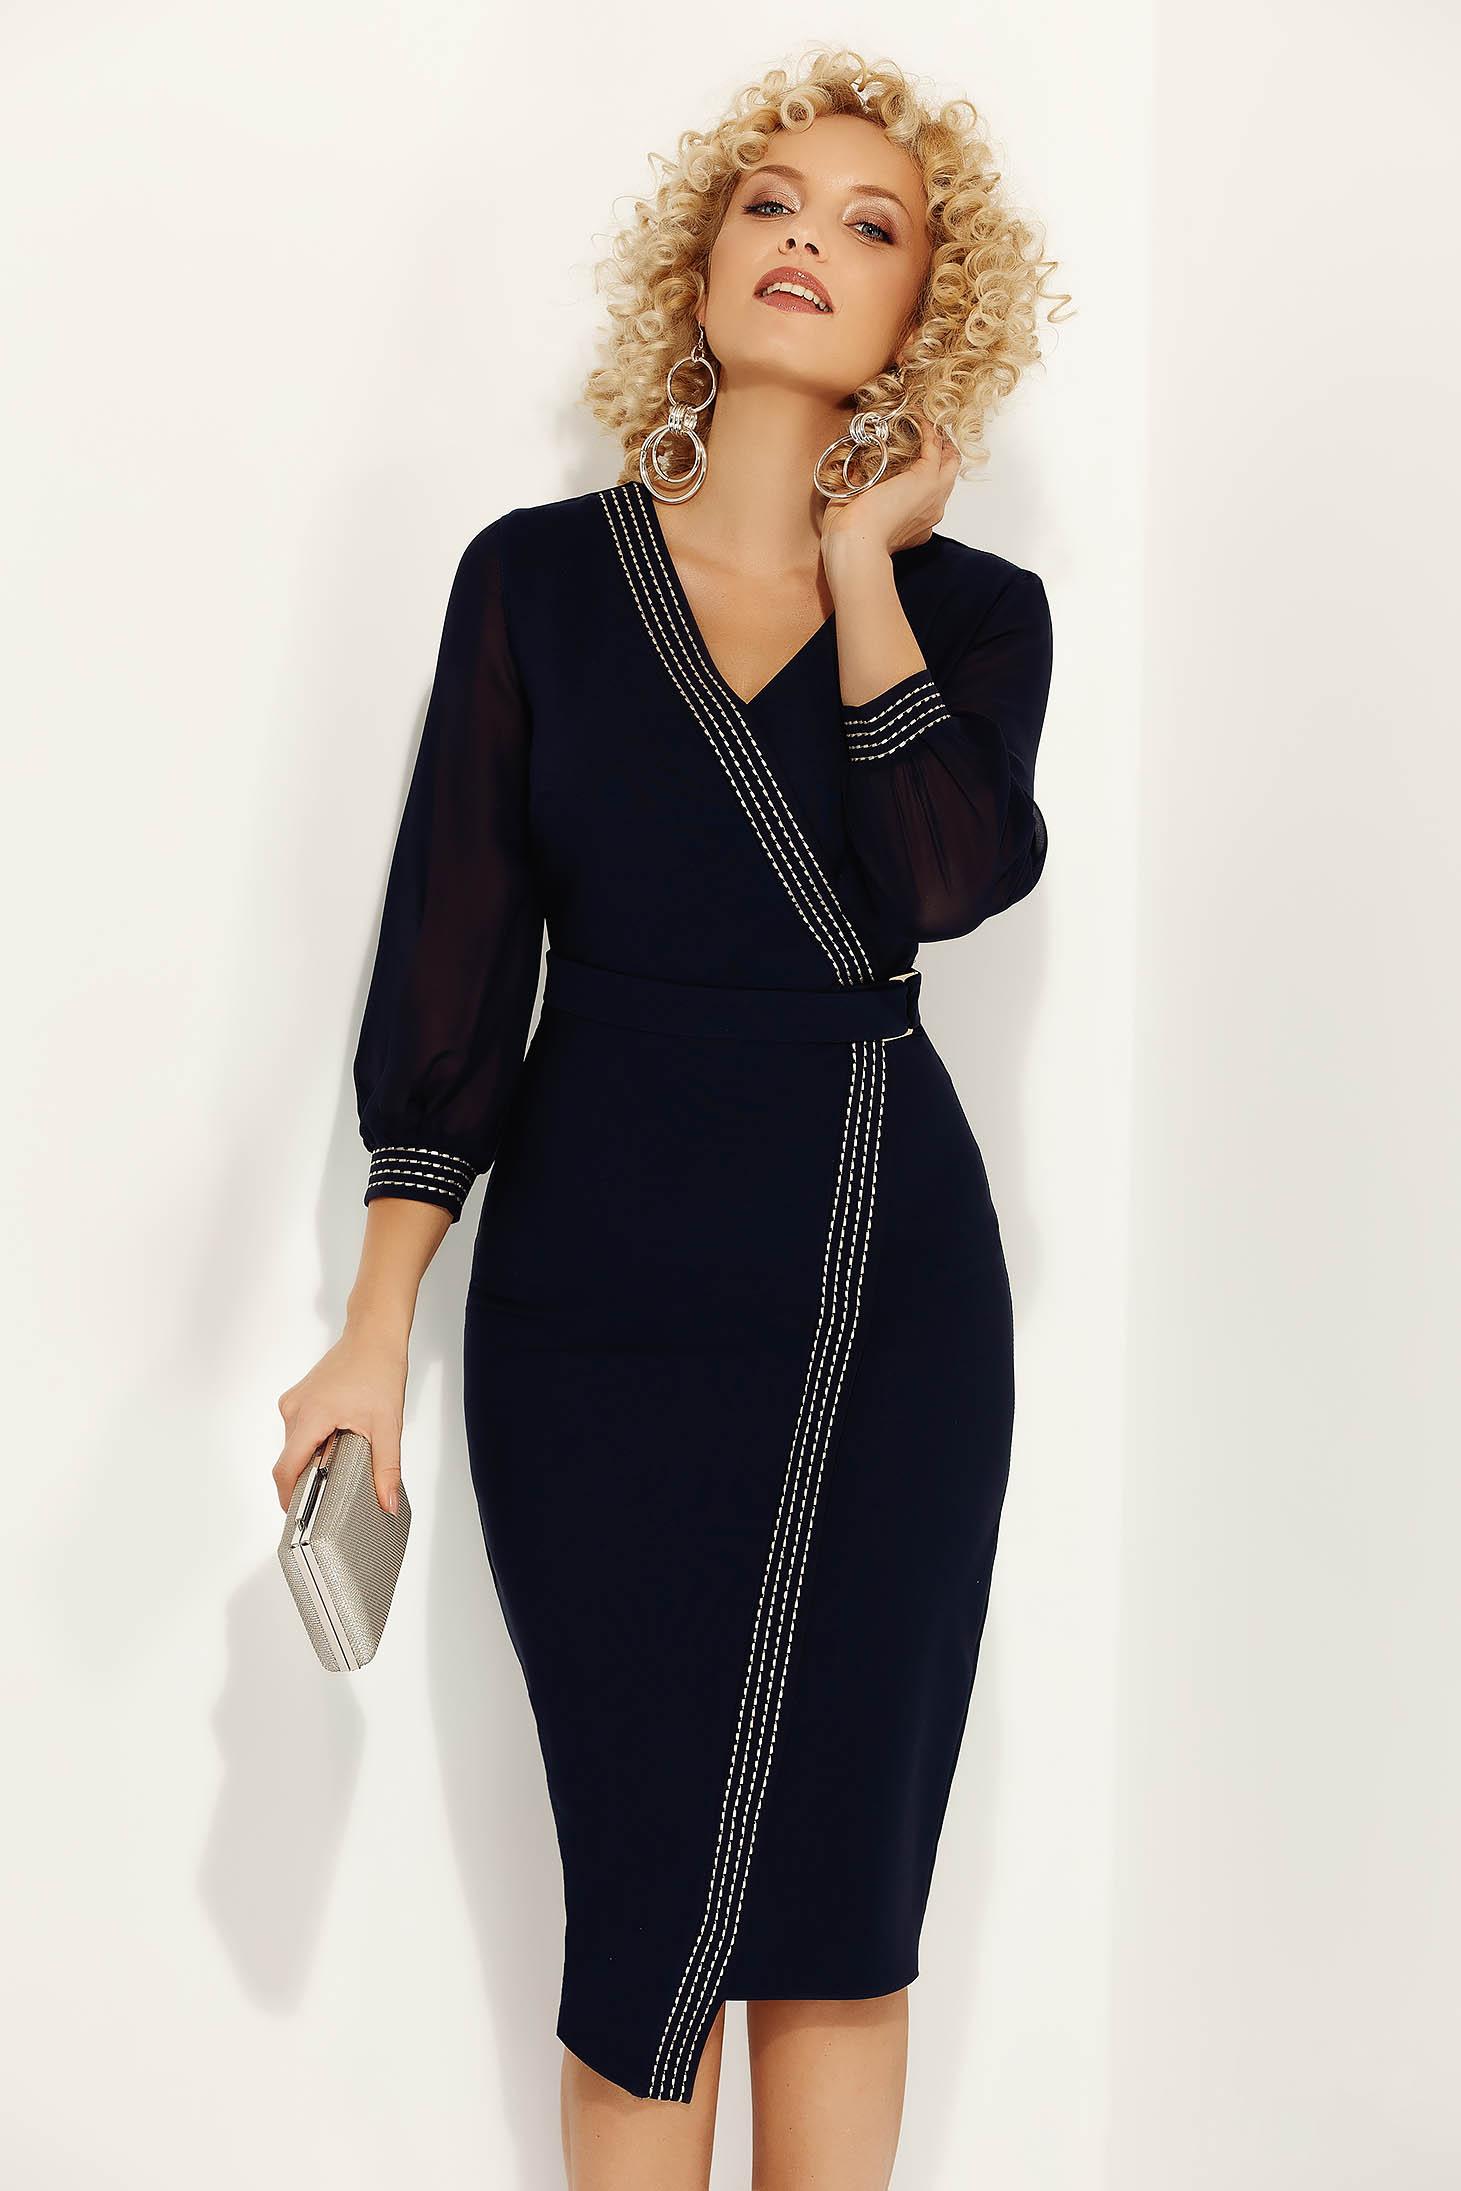 Rochie Fofy albastru-inchis eleganta office cu un croi mulat cu decolteu din stofa subtire usor elastica